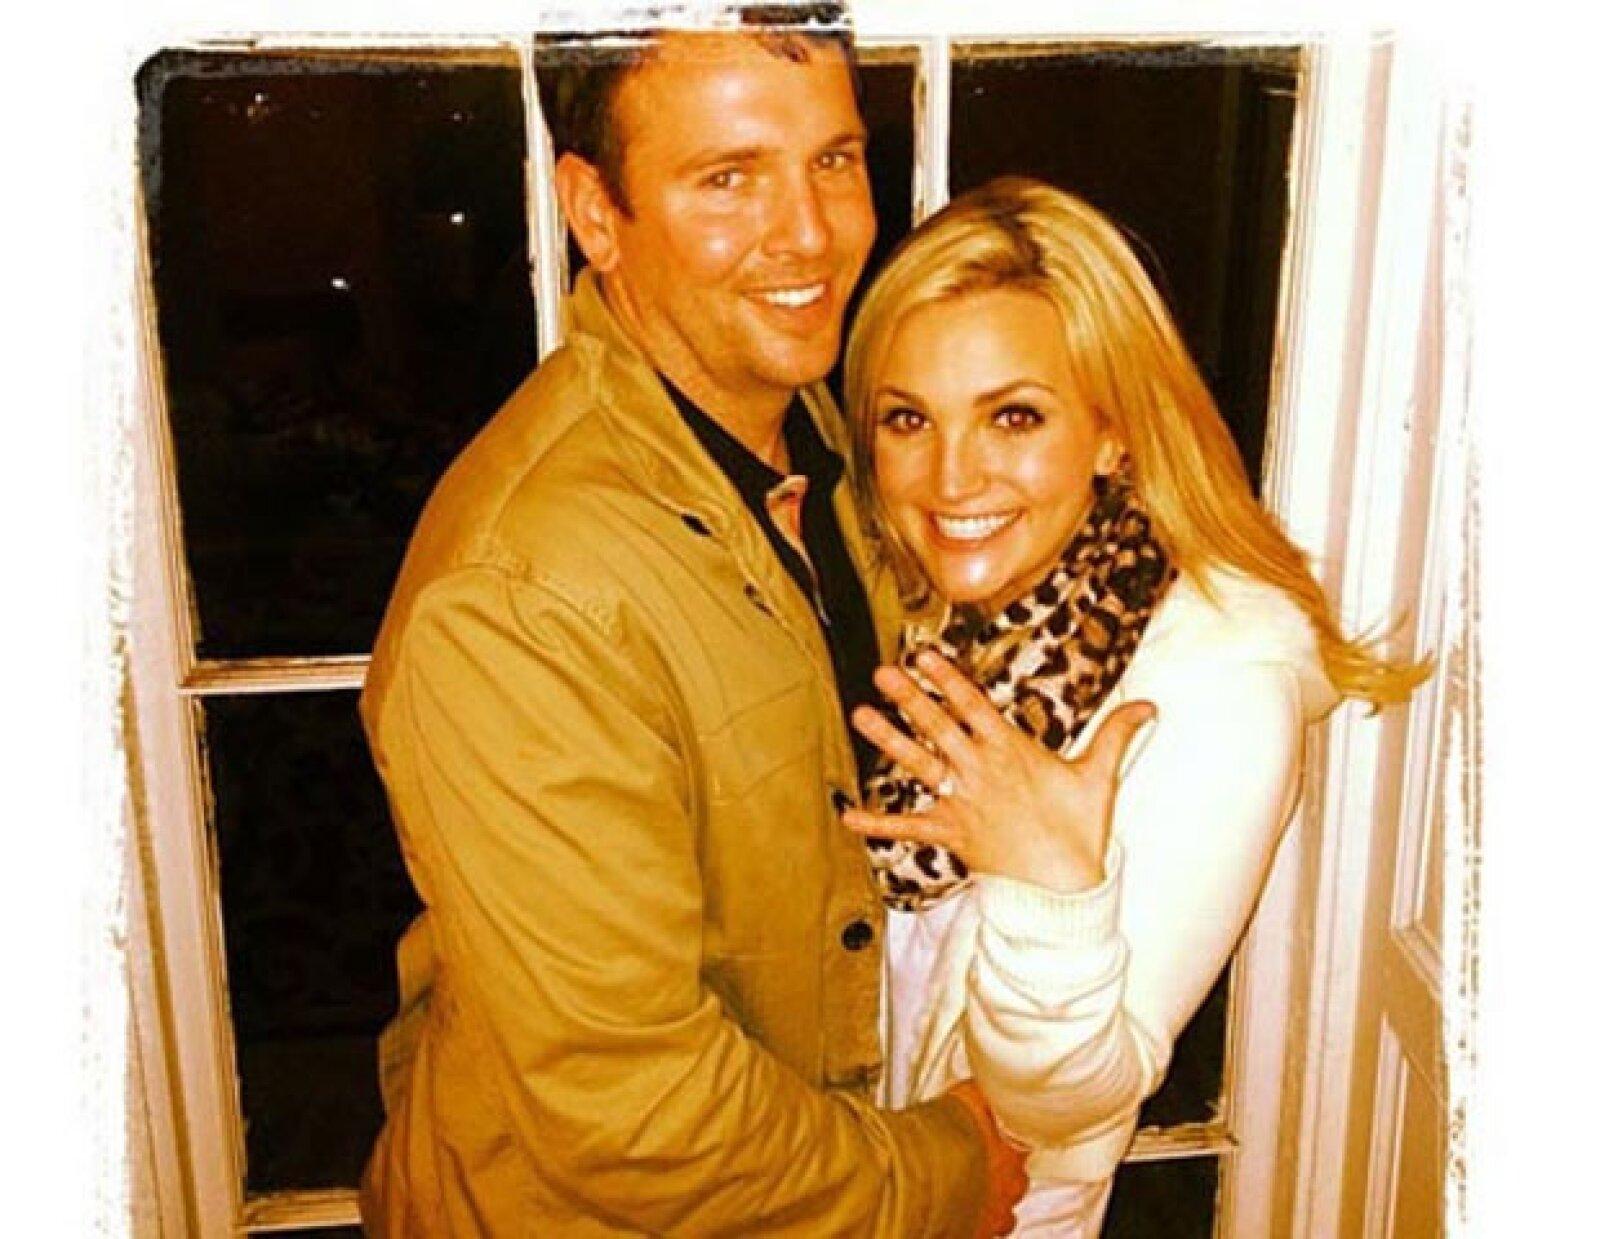 La hermana pequeña de Britney, Jamie Lynn Spears sorprendió a sus fans al anunciar su compromiso con Jamie Watson de 30 años. Ella 21. Igual y son nueve años de diferencia, pero ella, sí que luce mucho más chica.